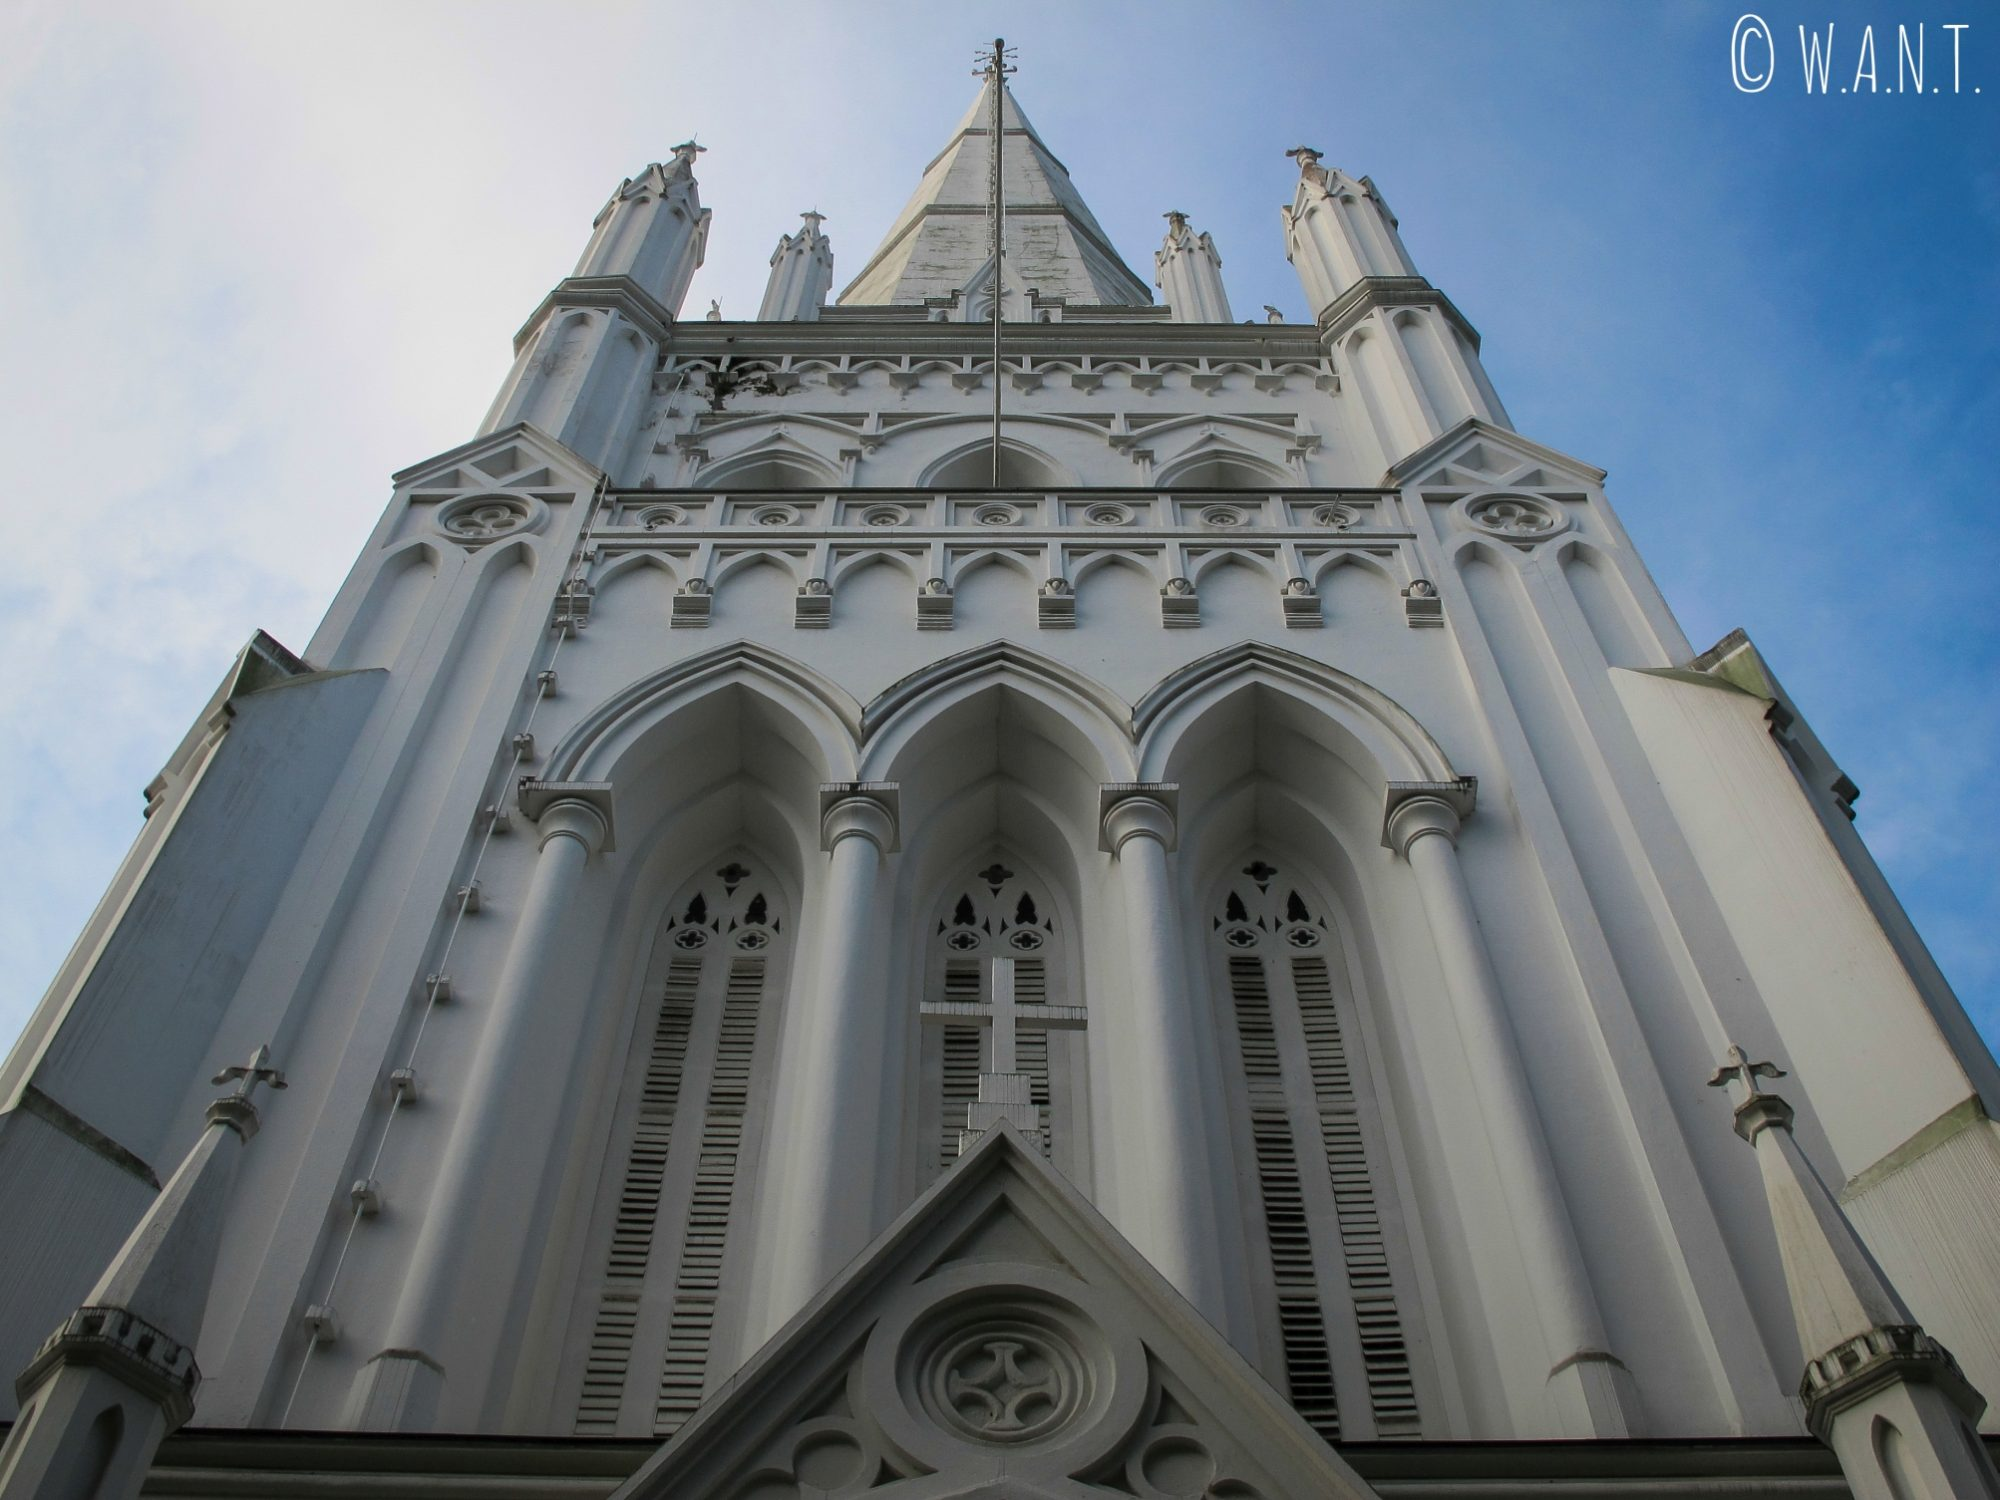 Vue en contre-plongée sur le fronton de la cathédrale St Andrew de Singapour